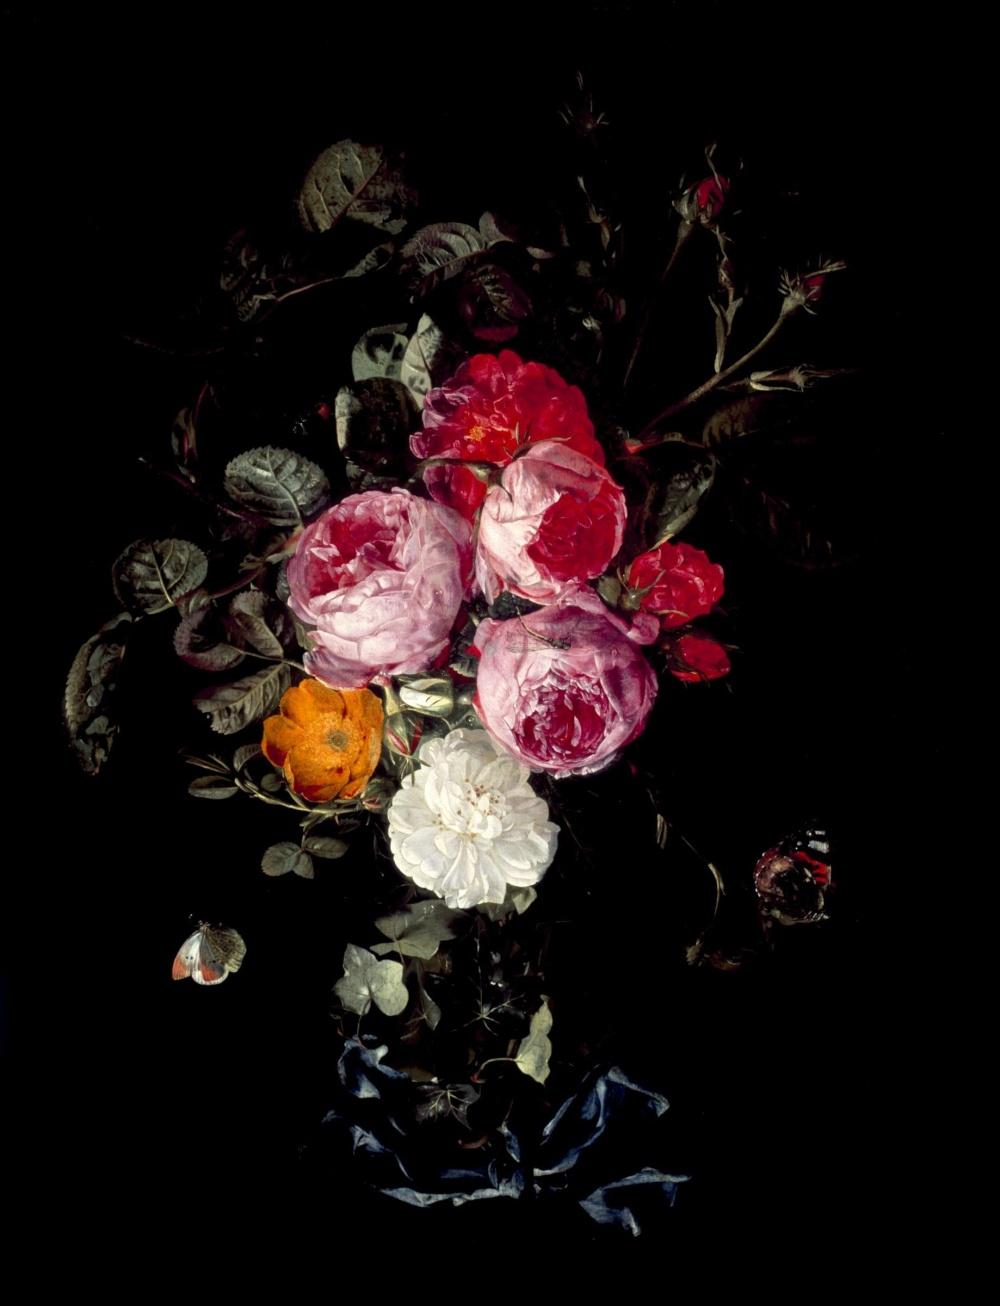 Christian Luycks. Un ramillete de rosas colgando de una cinta azul con mariposas e insectos. Mediados del siglo XVII. Museo de Bellas Artes. Houston.